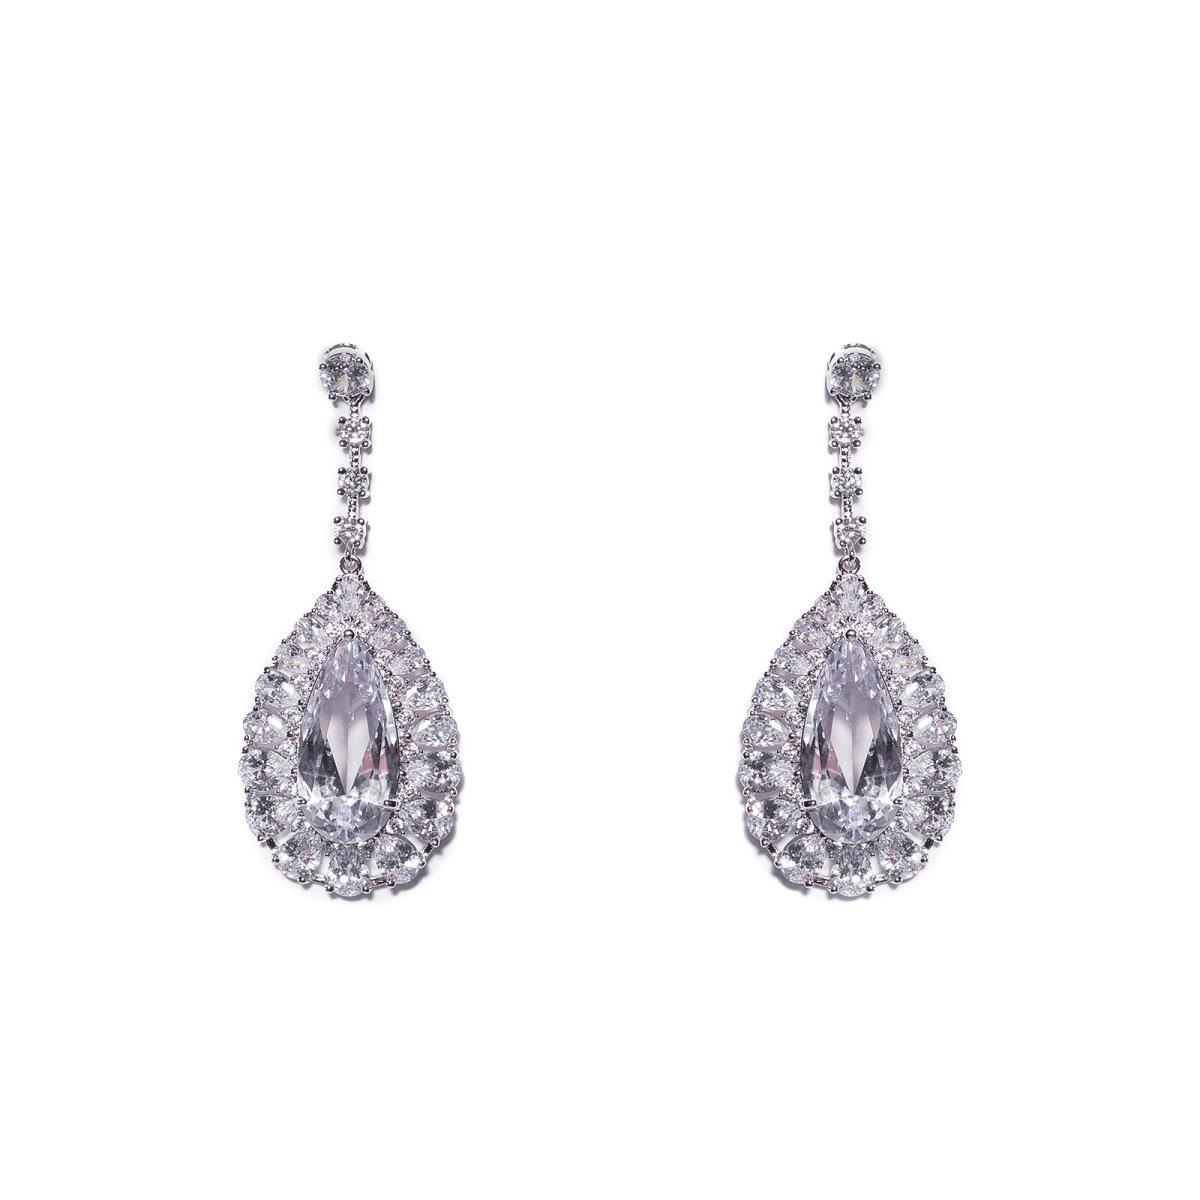 Cercei argintii cu cristale de zirconiu cubic Argintiu